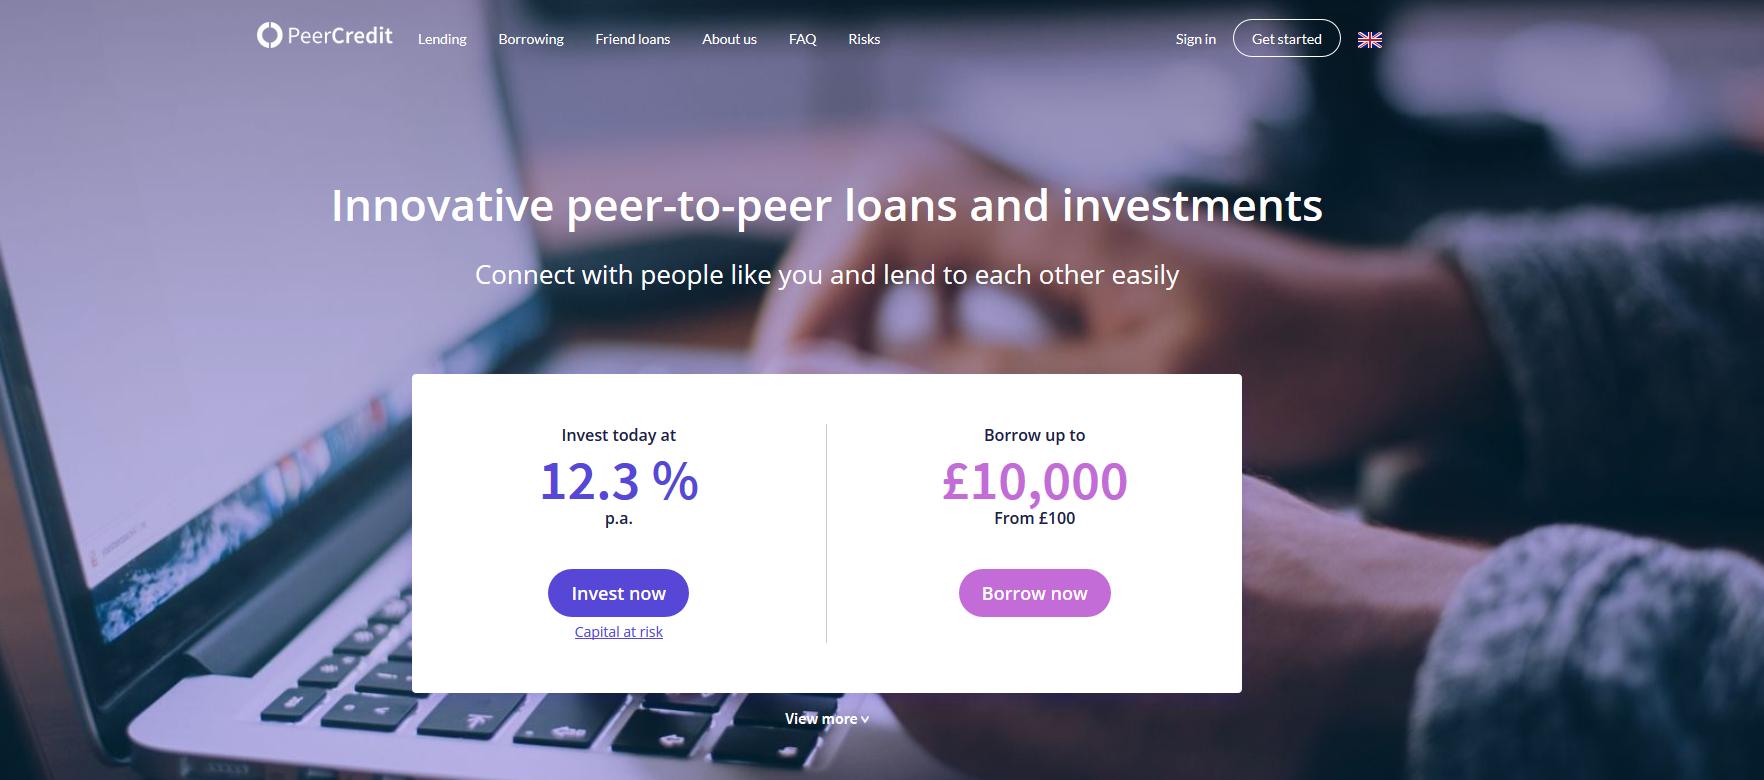 peercredit-homepage2